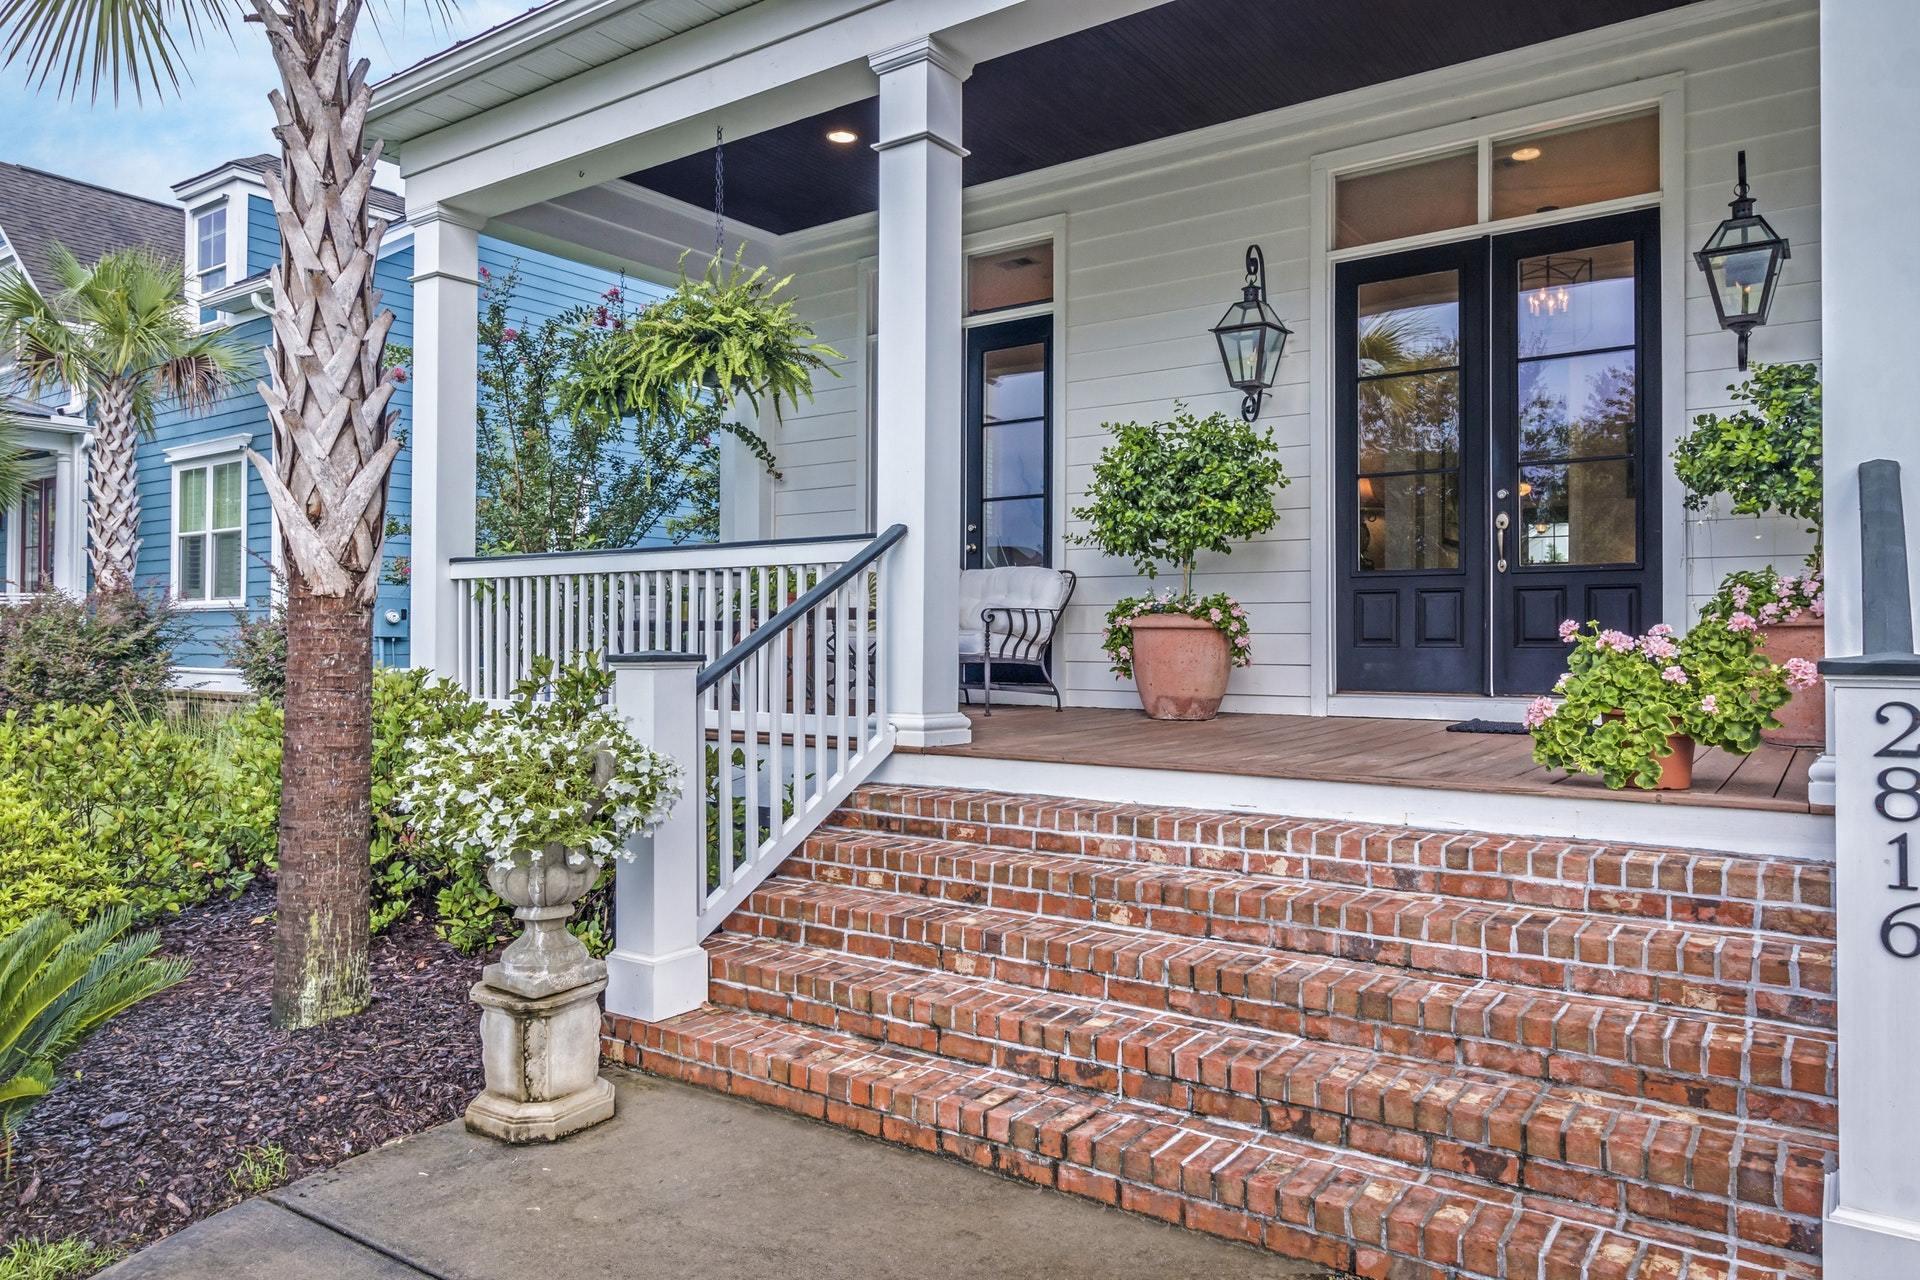 Dunes West Homes For Sale - 2816 River Vista, Mount Pleasant, SC - 13